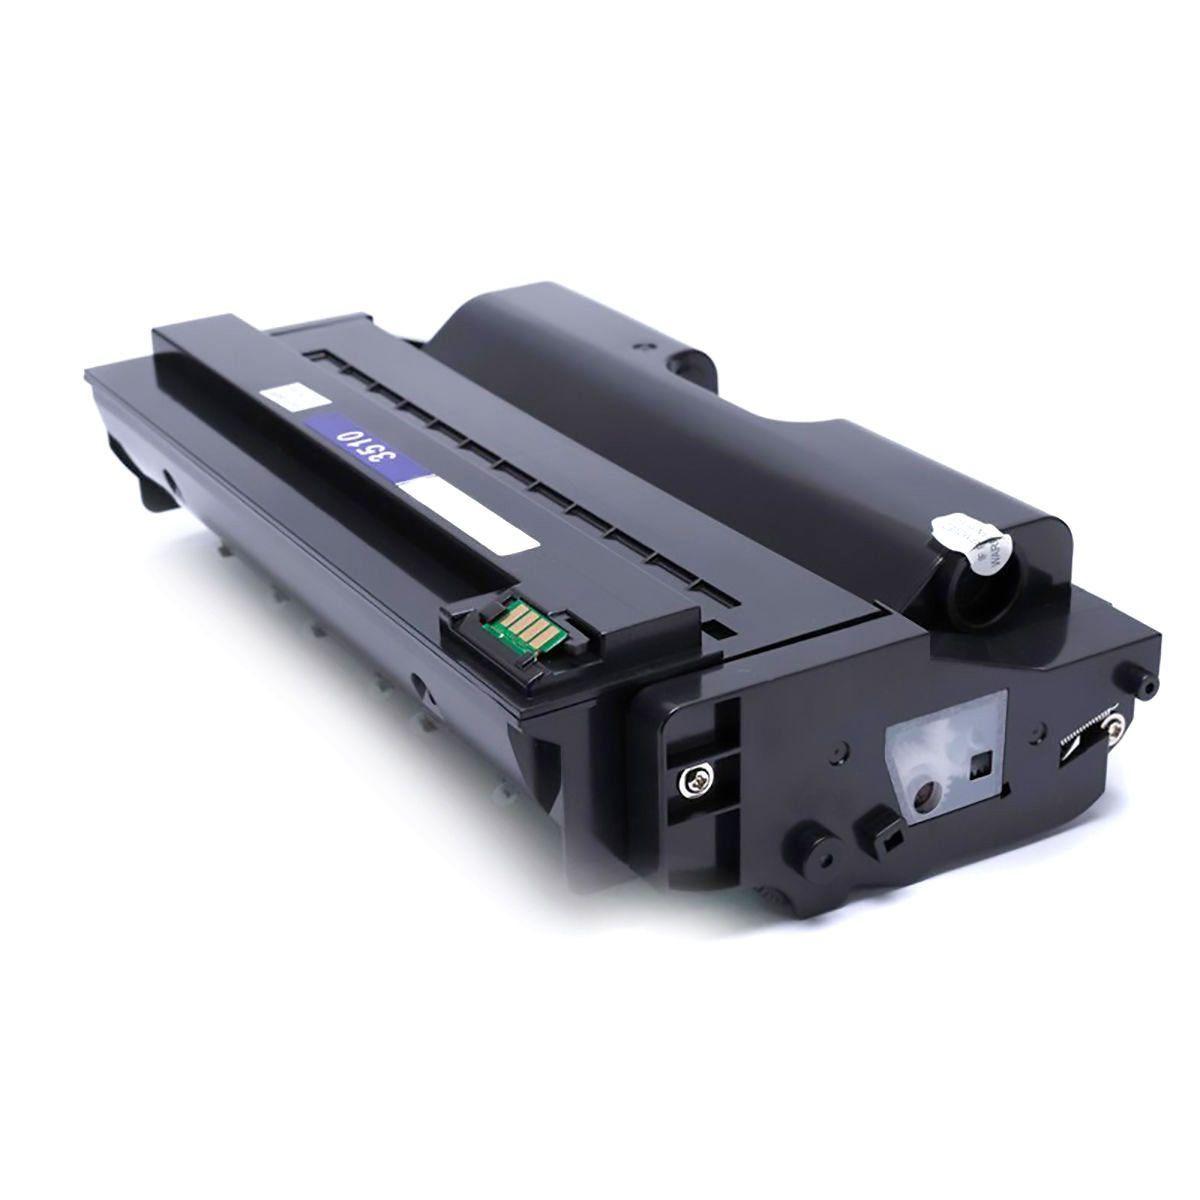 Compatível: Toner SP3510 para Ricoh SP3500n SP3510dn SP3500sf SP3500 SP3400  SP-3500 SP-3510 SP-3510dn / Preto / 6 400